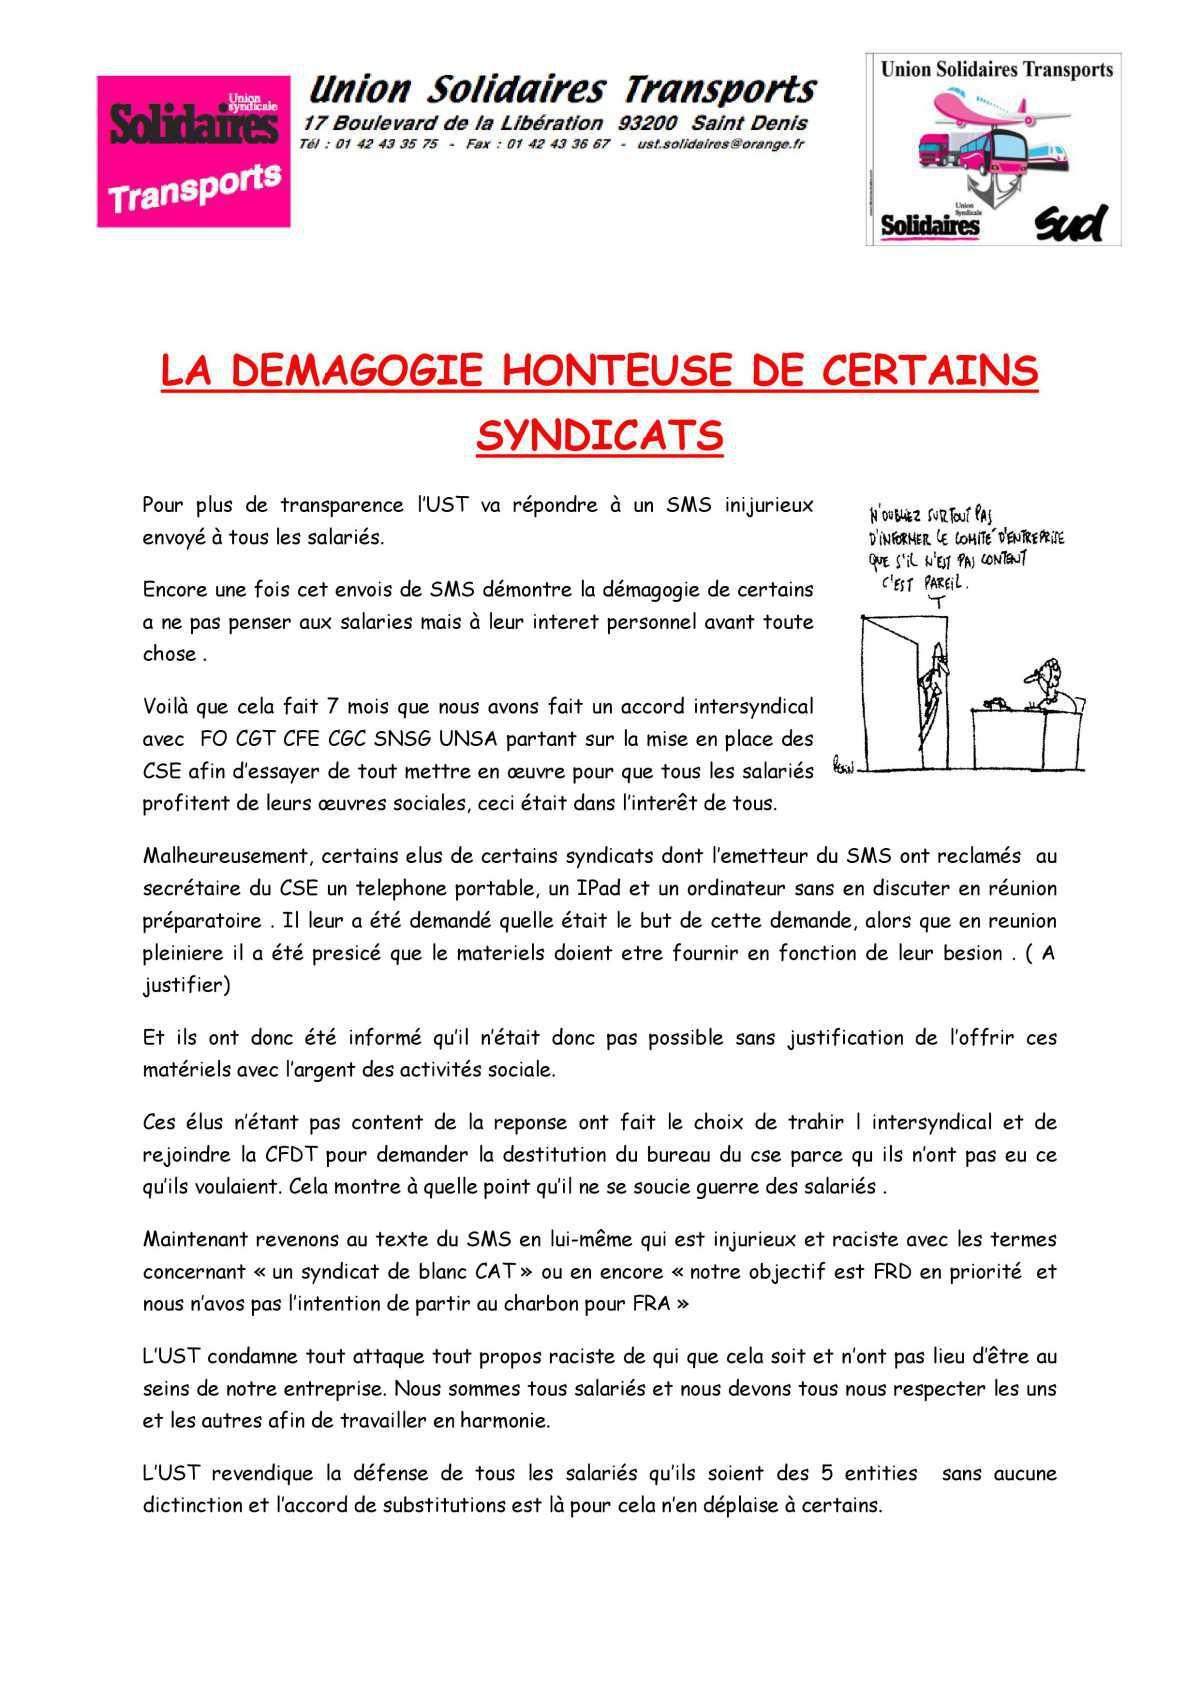 LA DEMAGOGIE HONTEUSE DE CERTAINS SYNDICATS